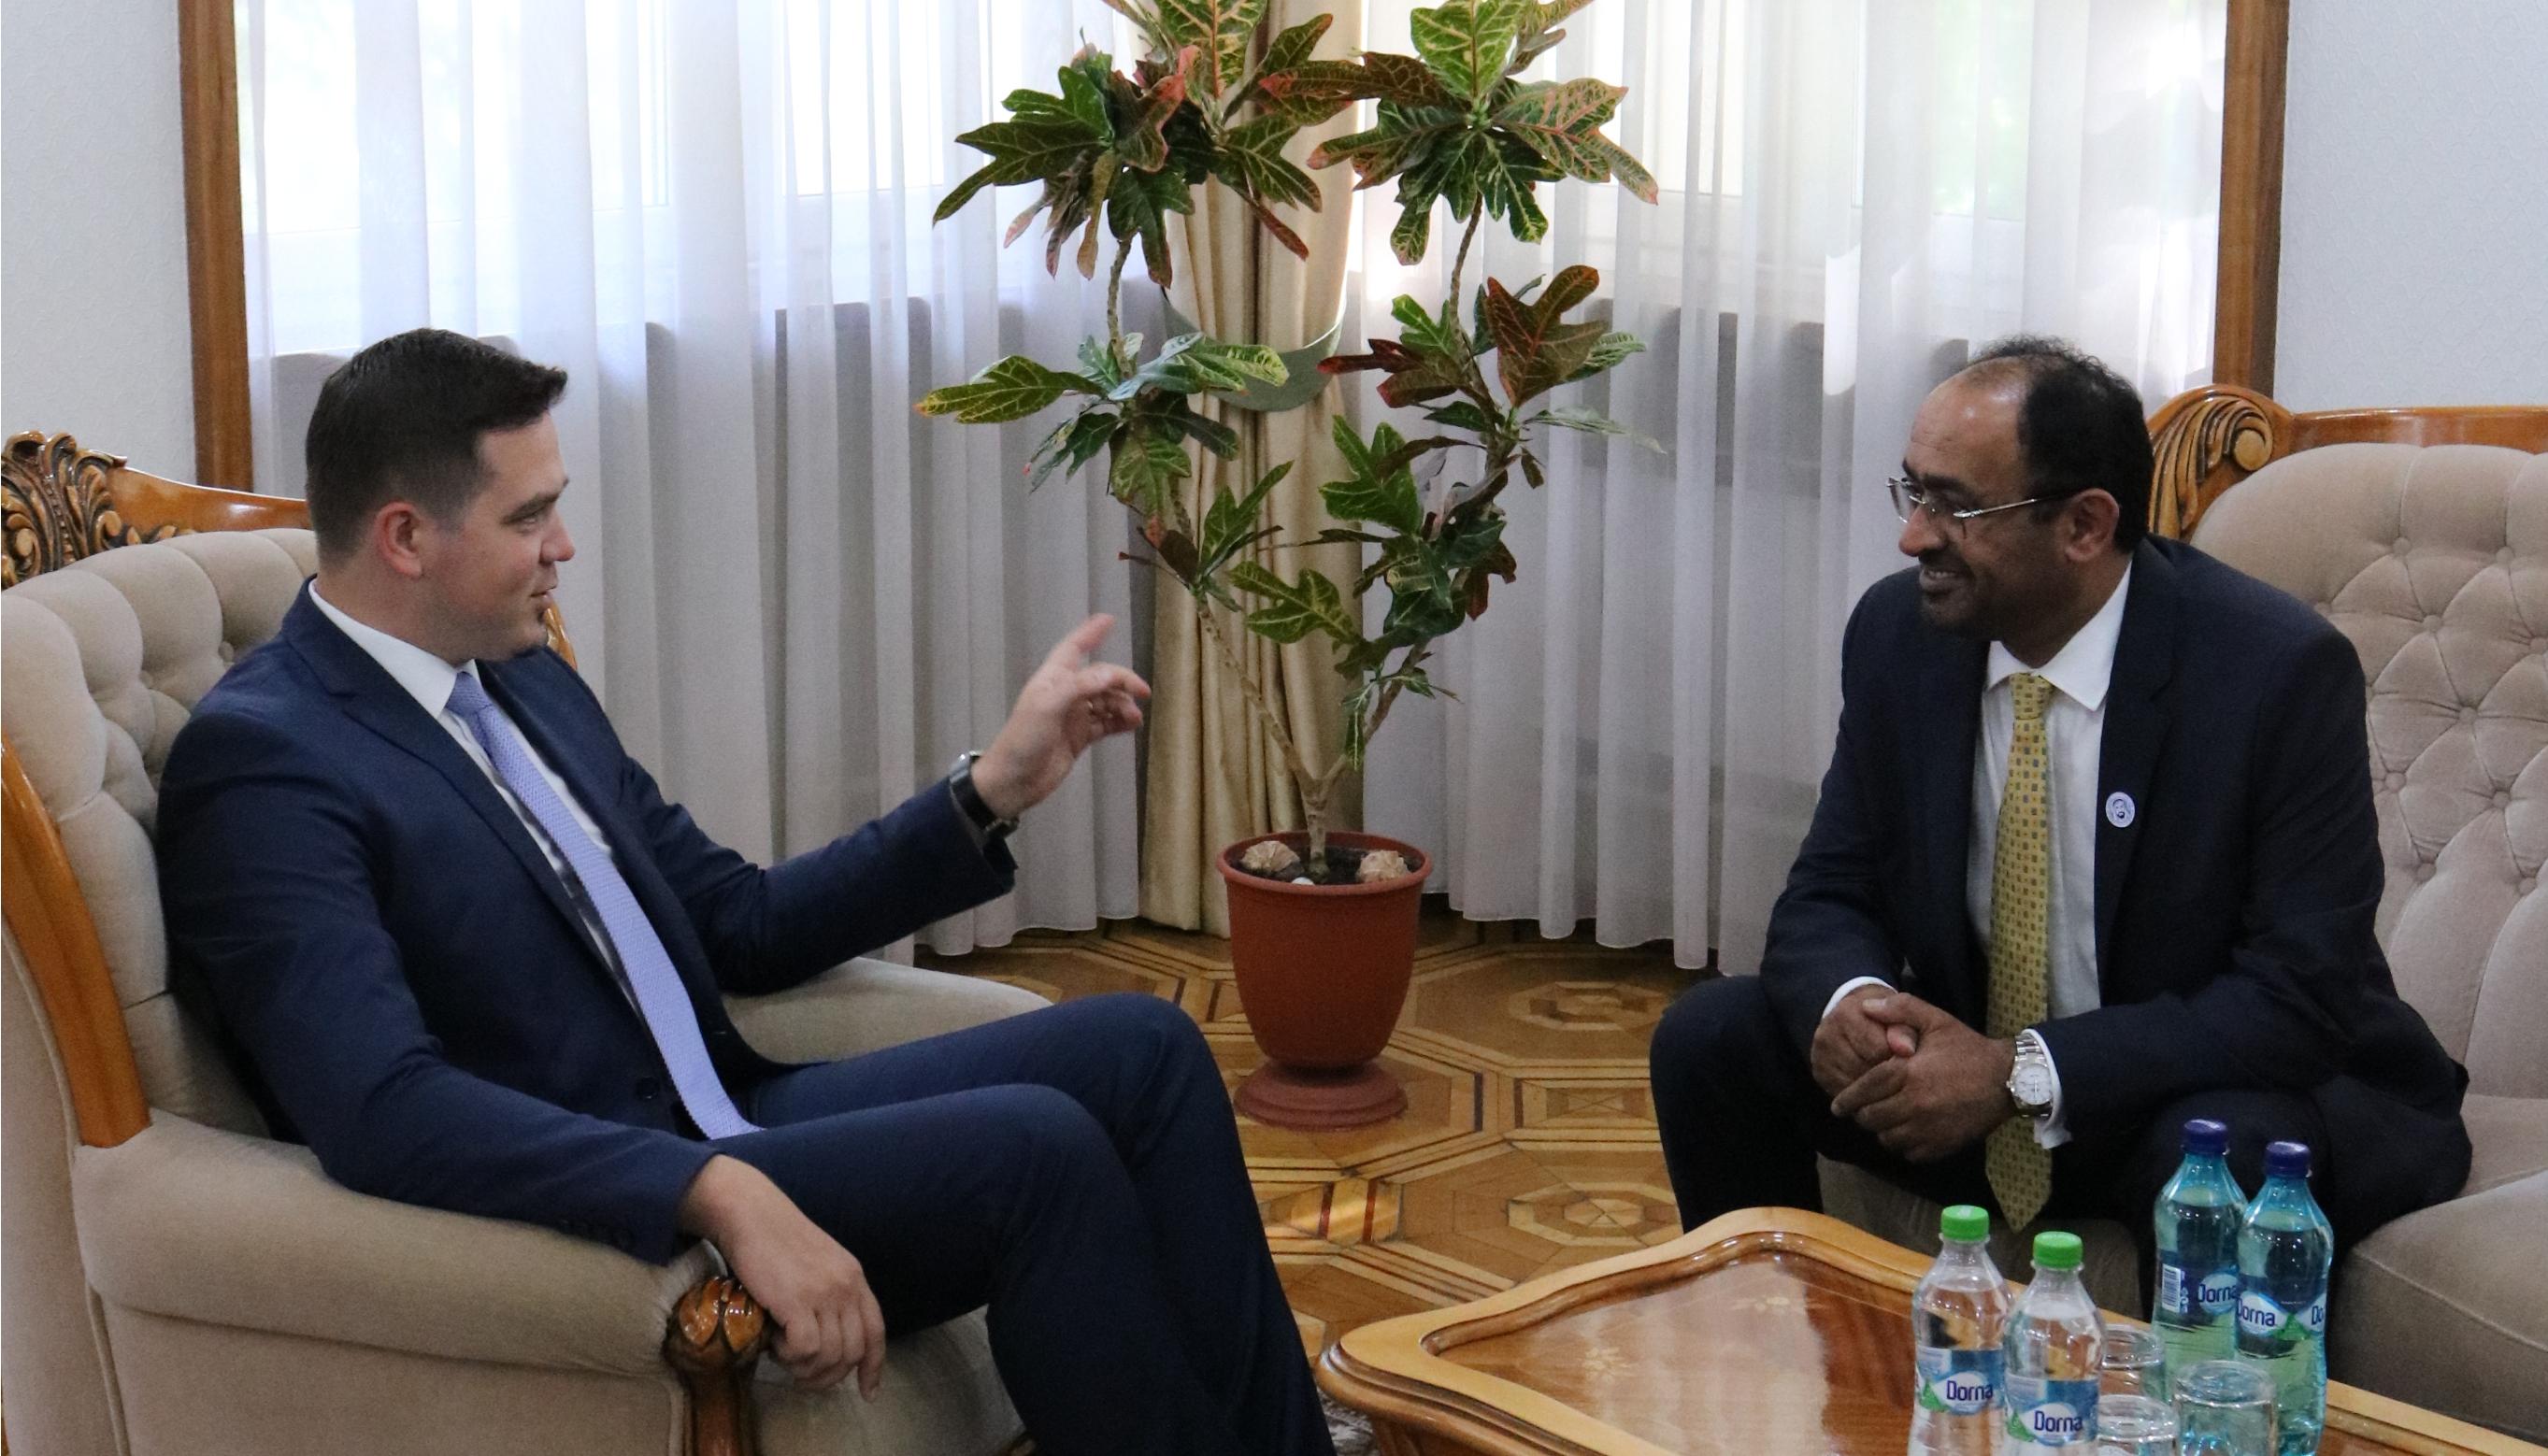 Ministrul Ulianovschi a reiterat interesul pentru deschiderea Consulatului General al RM la Dubai la întrevederea cu Ambasadorul agreat